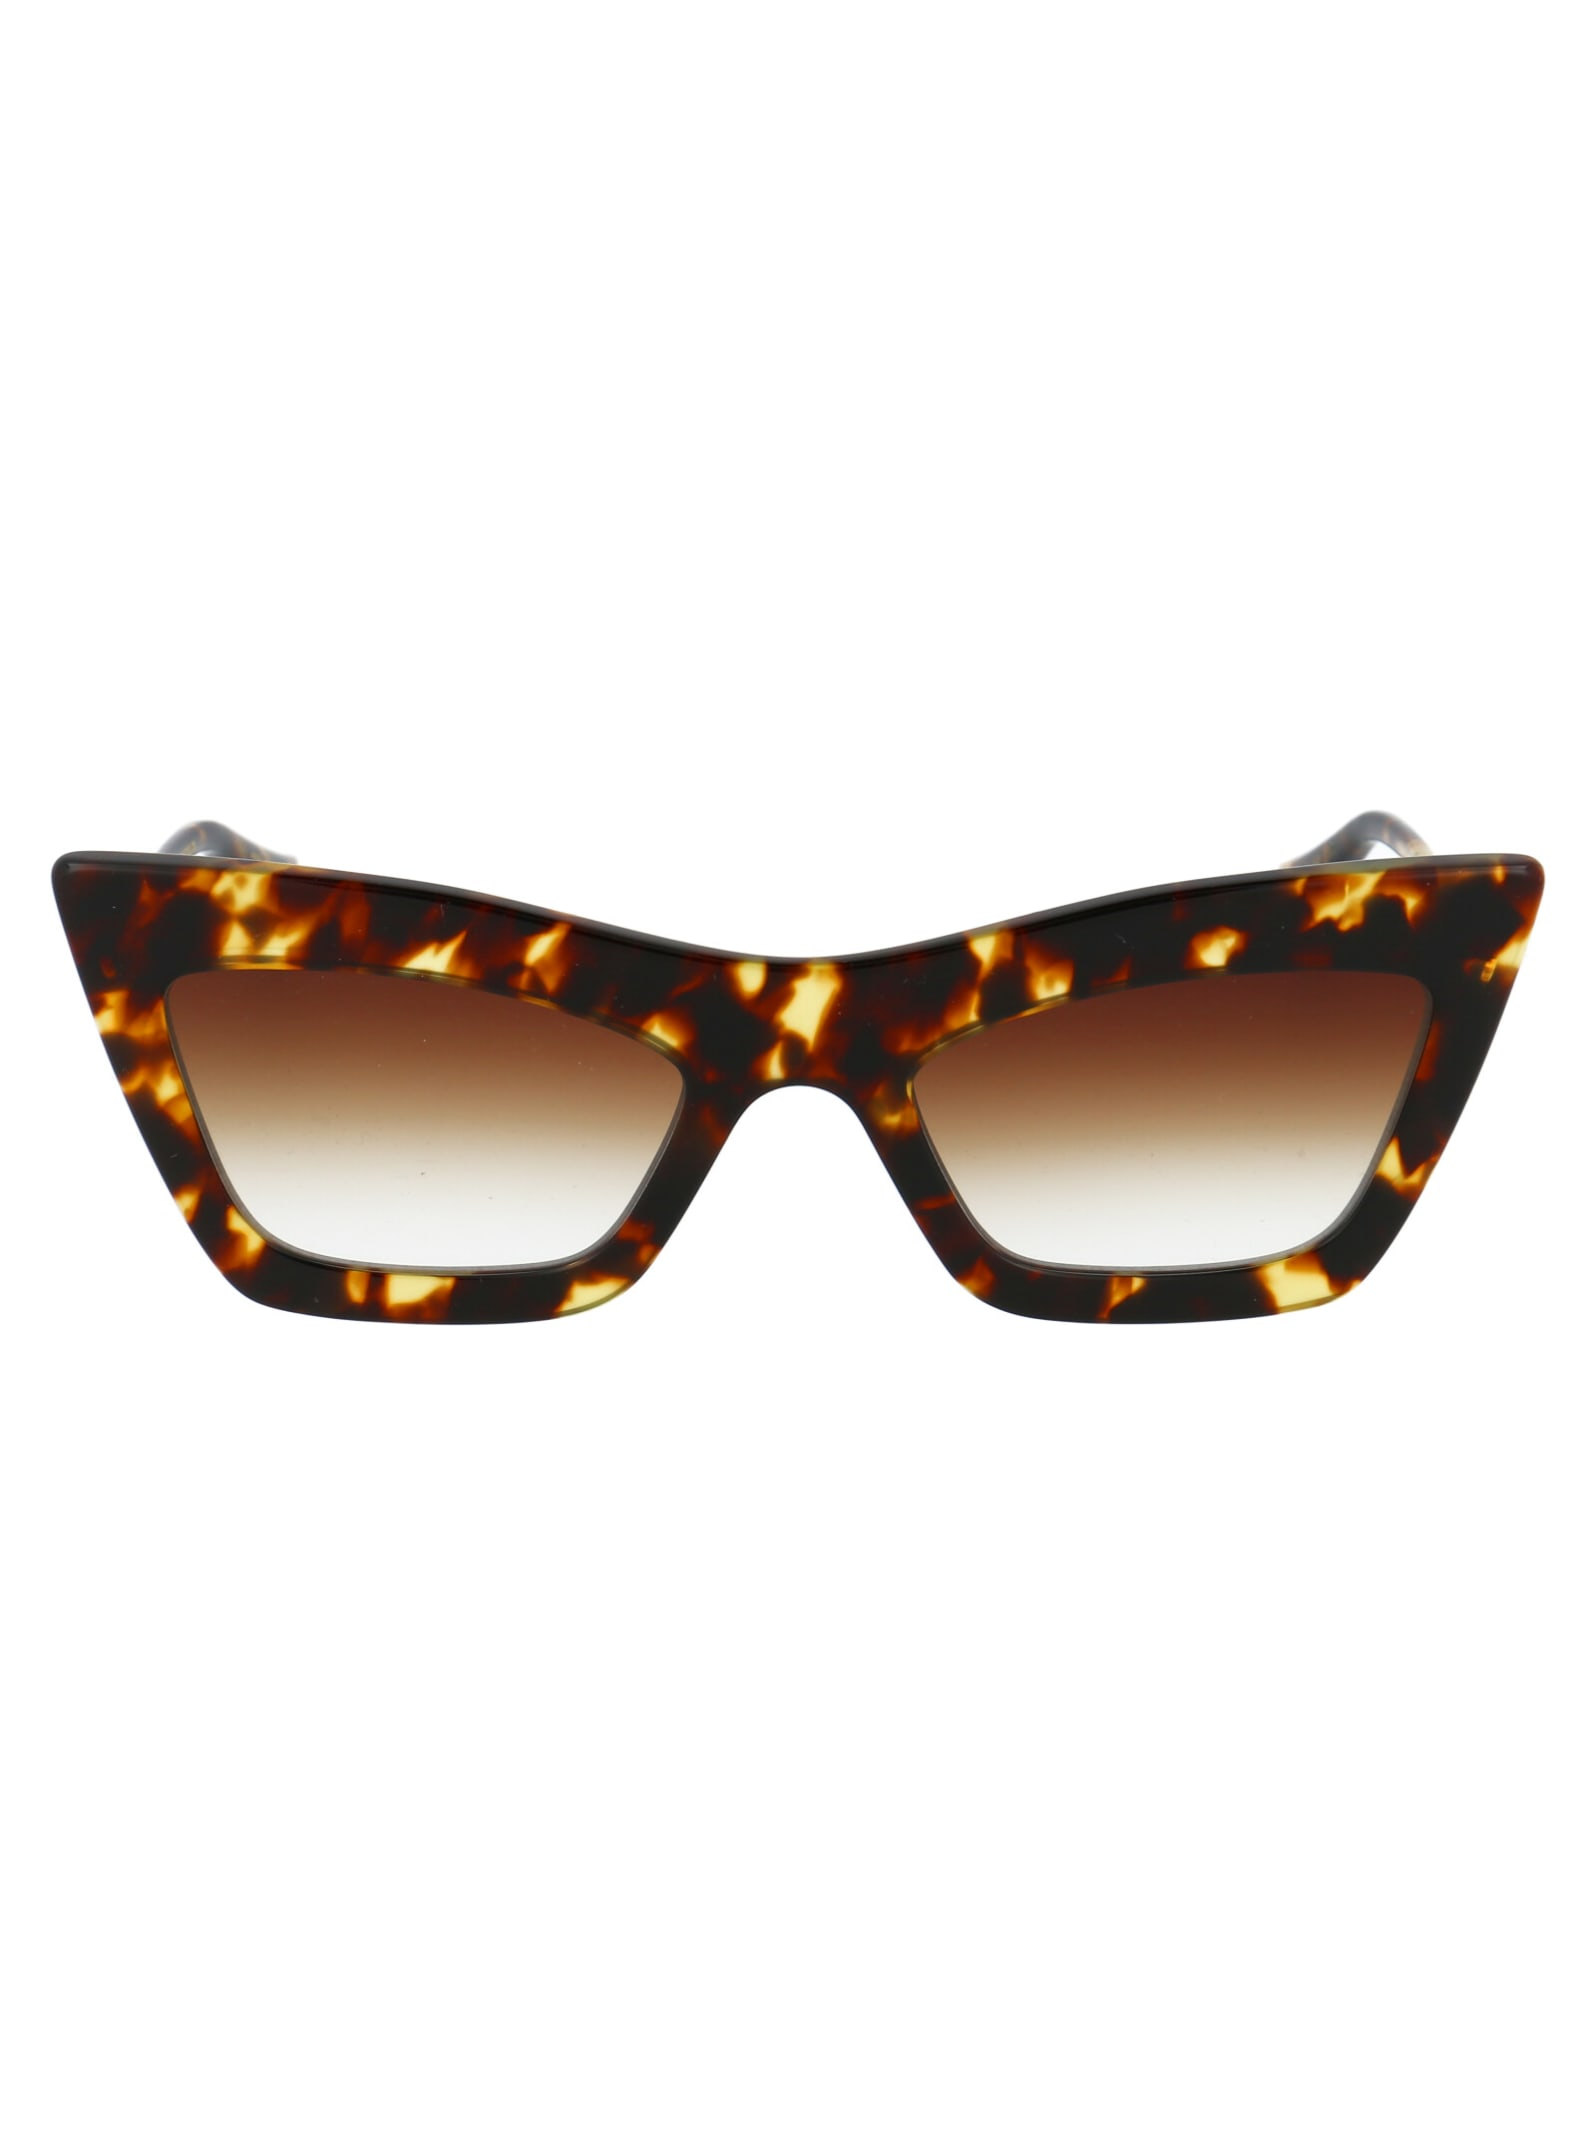 Erasur Sunglasses